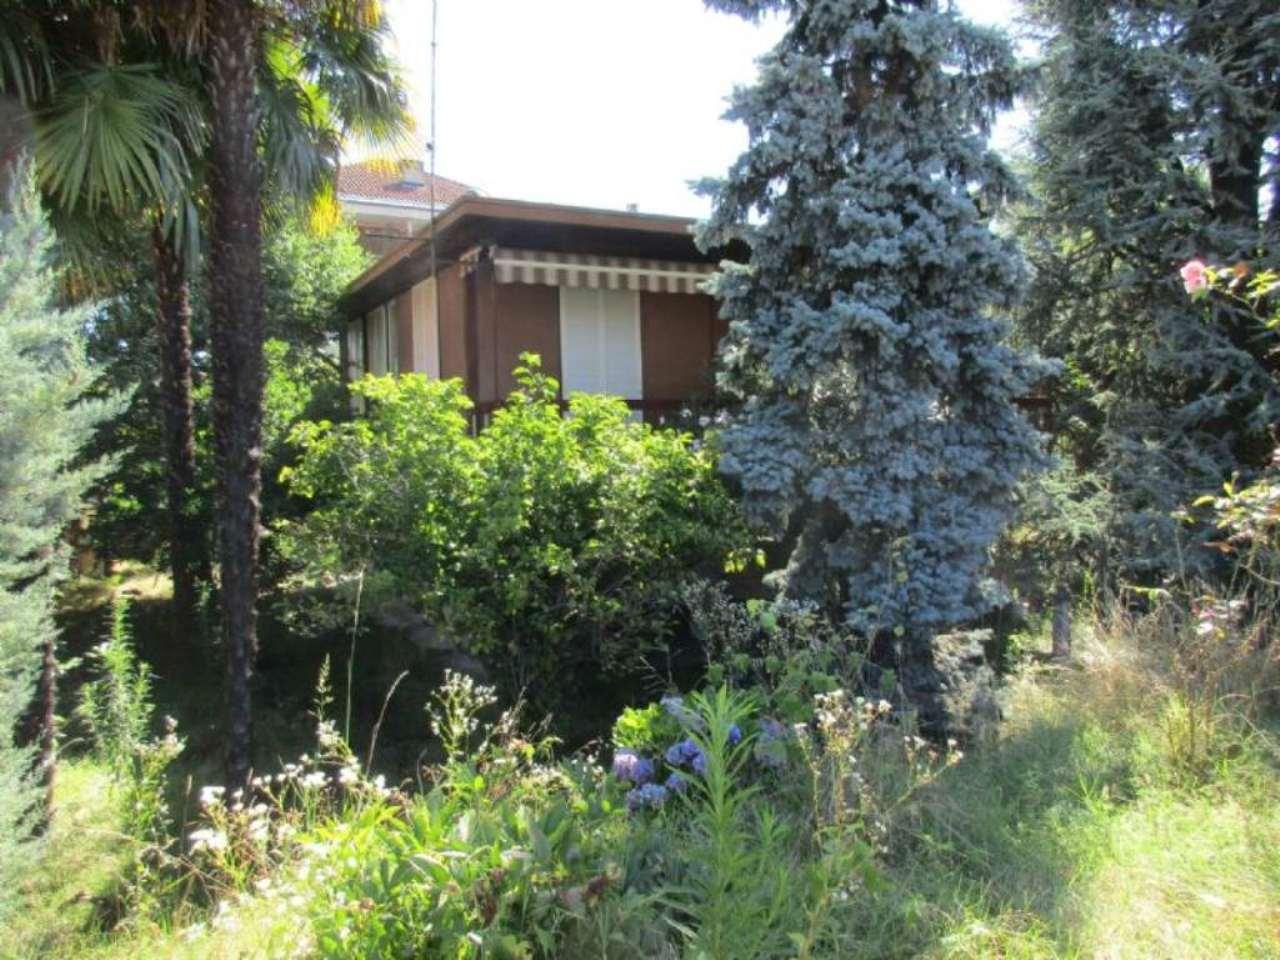 Villa in vendita a Cassano Magnago, 7 locali, prezzo € 185.000 | Cambio Casa.it